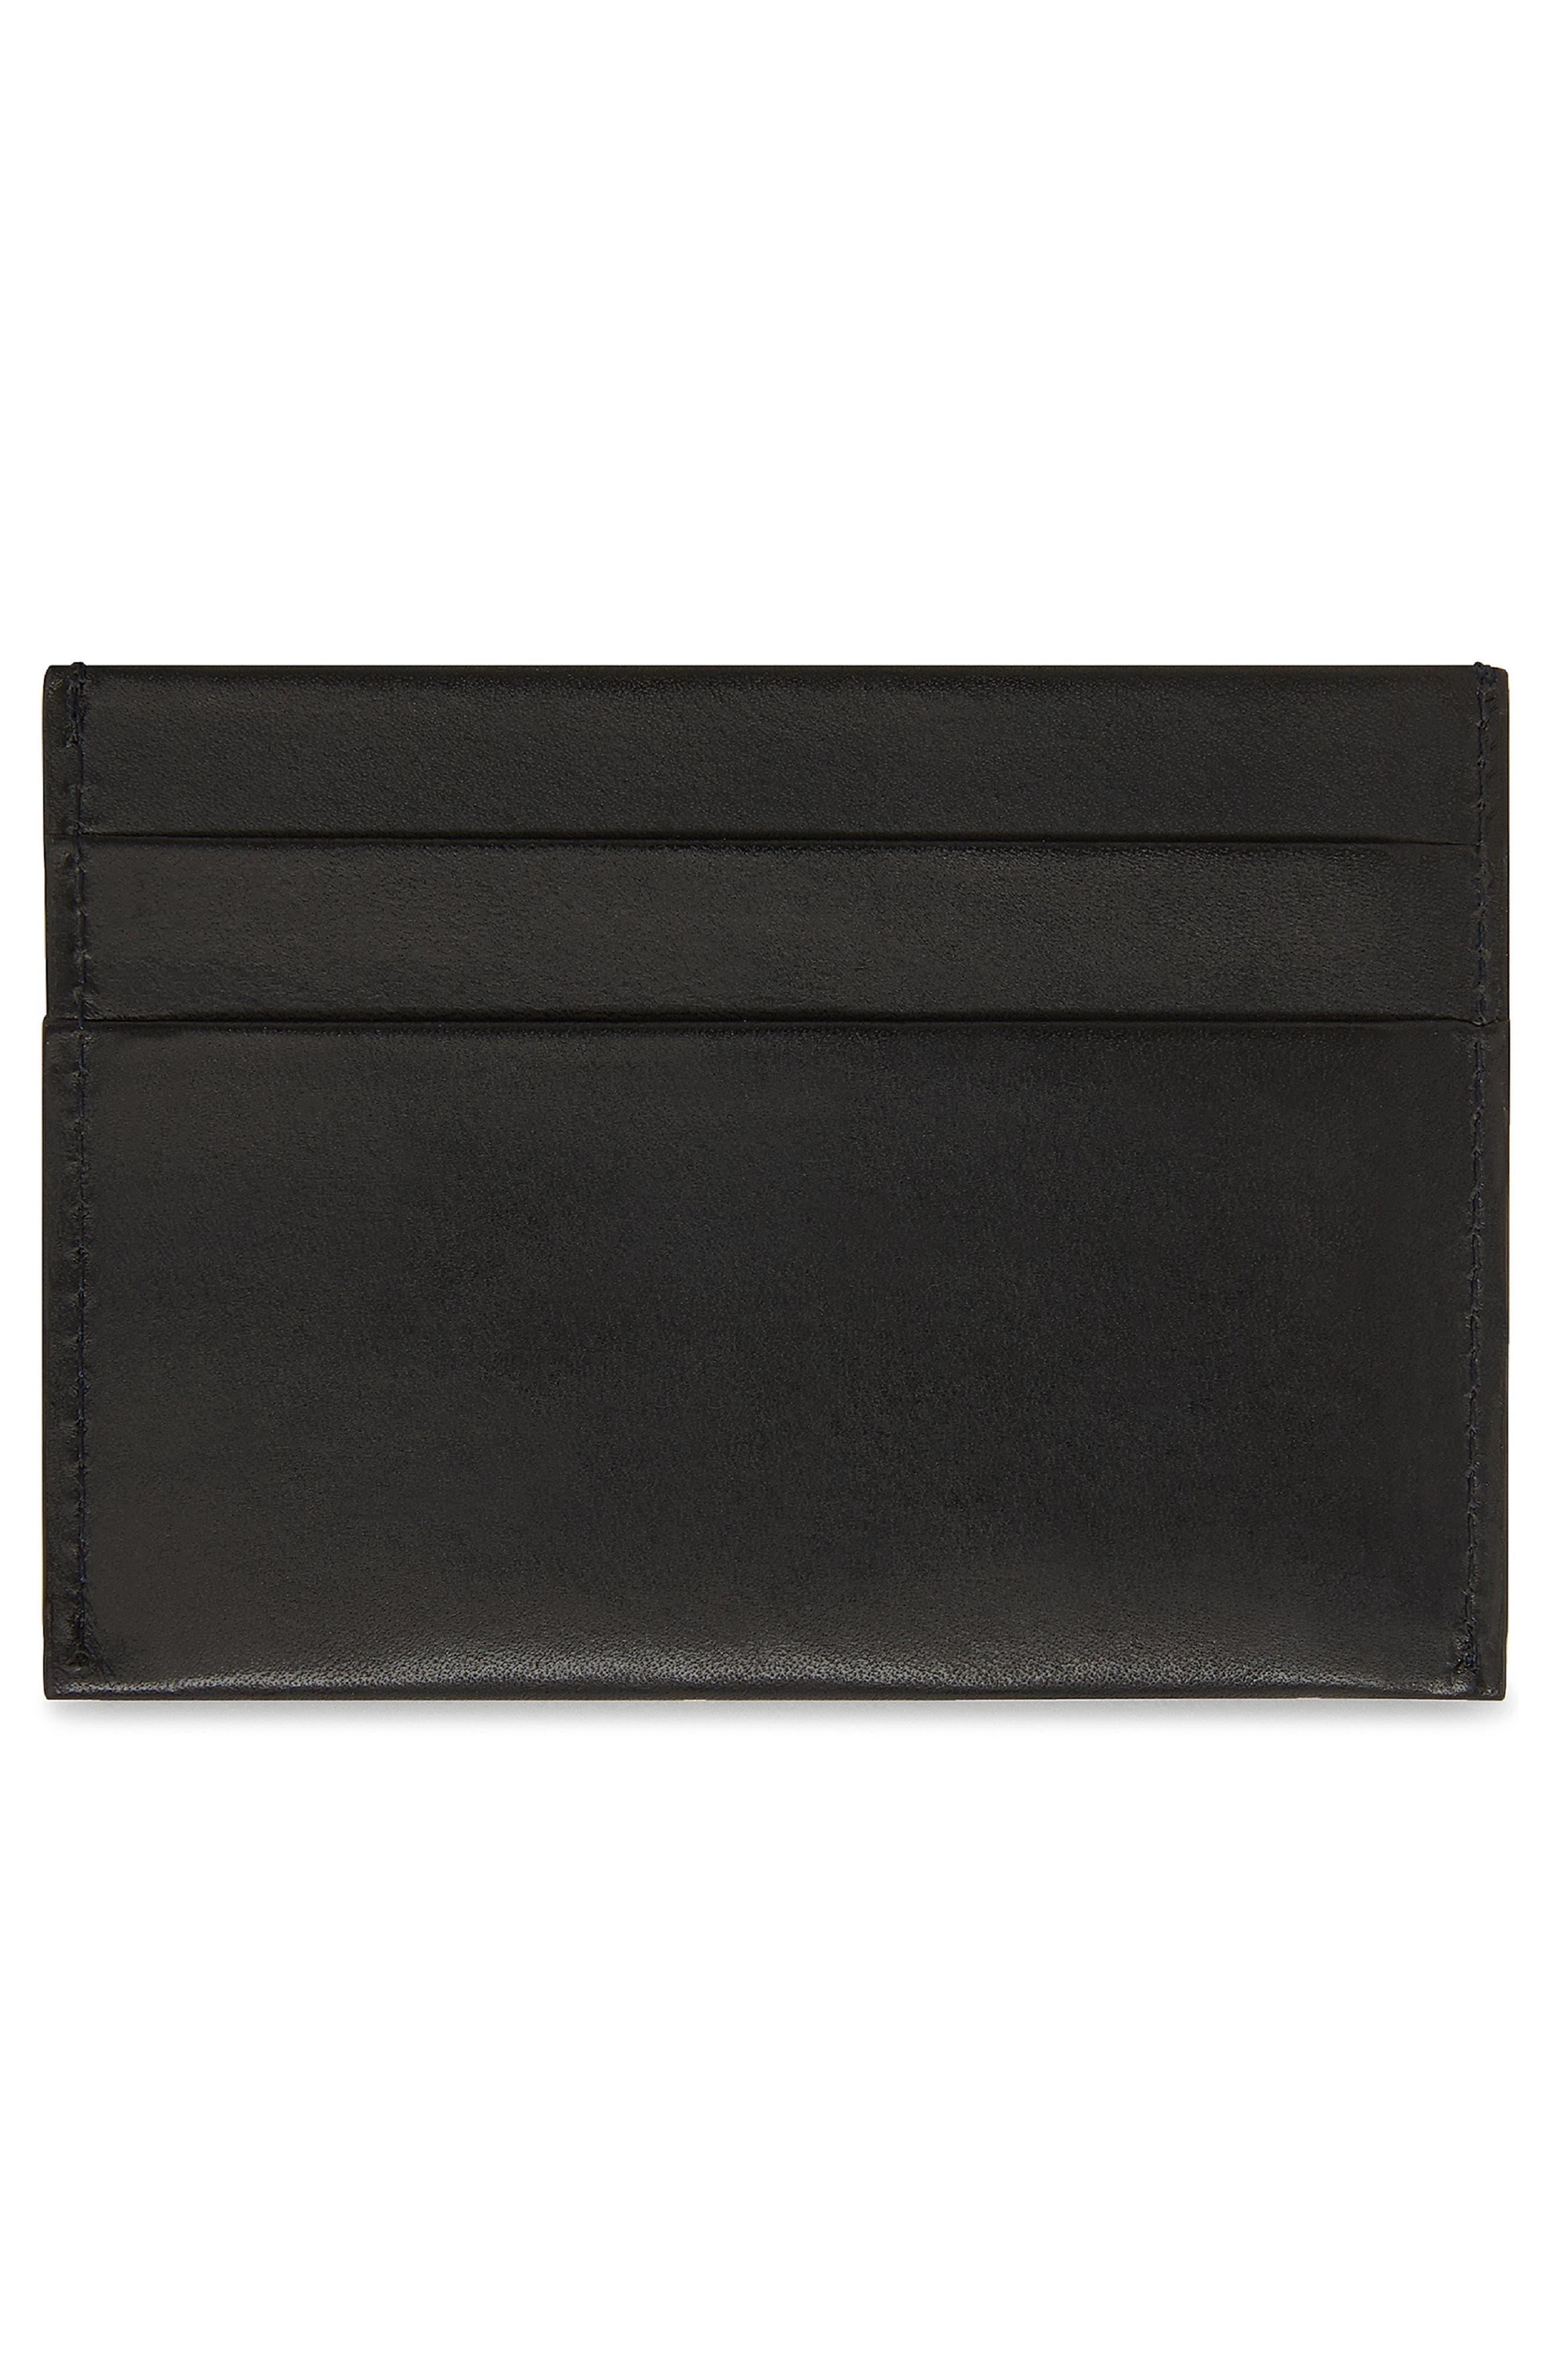 MANSUR GAVRIEL, Leather Card Holder, Alternate thumbnail 2, color, BLACK